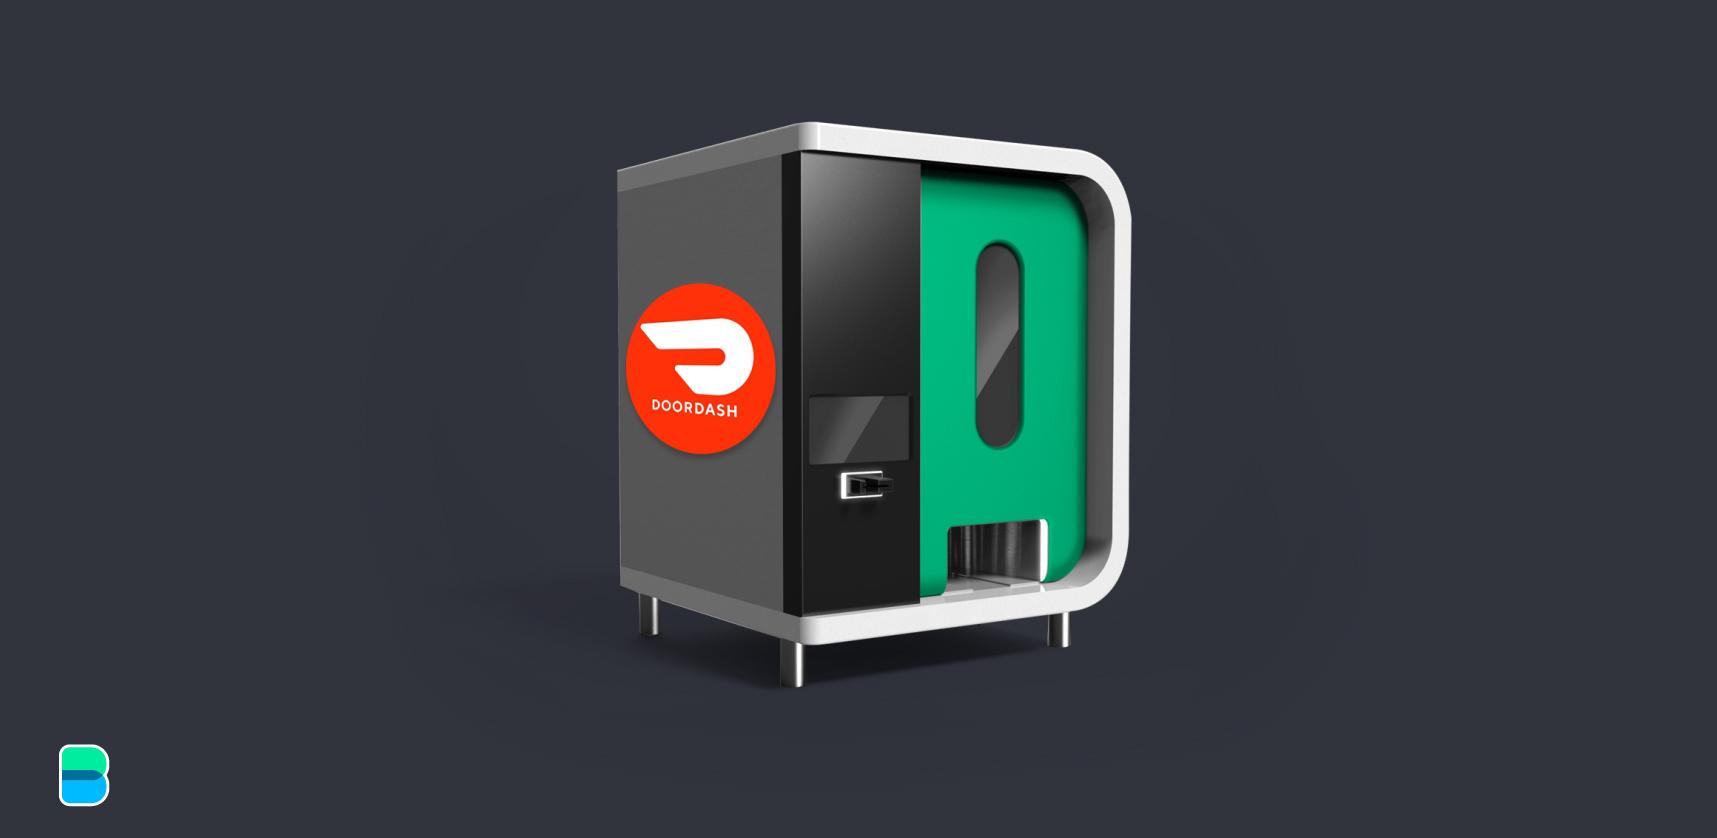 DoorDash experiments further with robotics